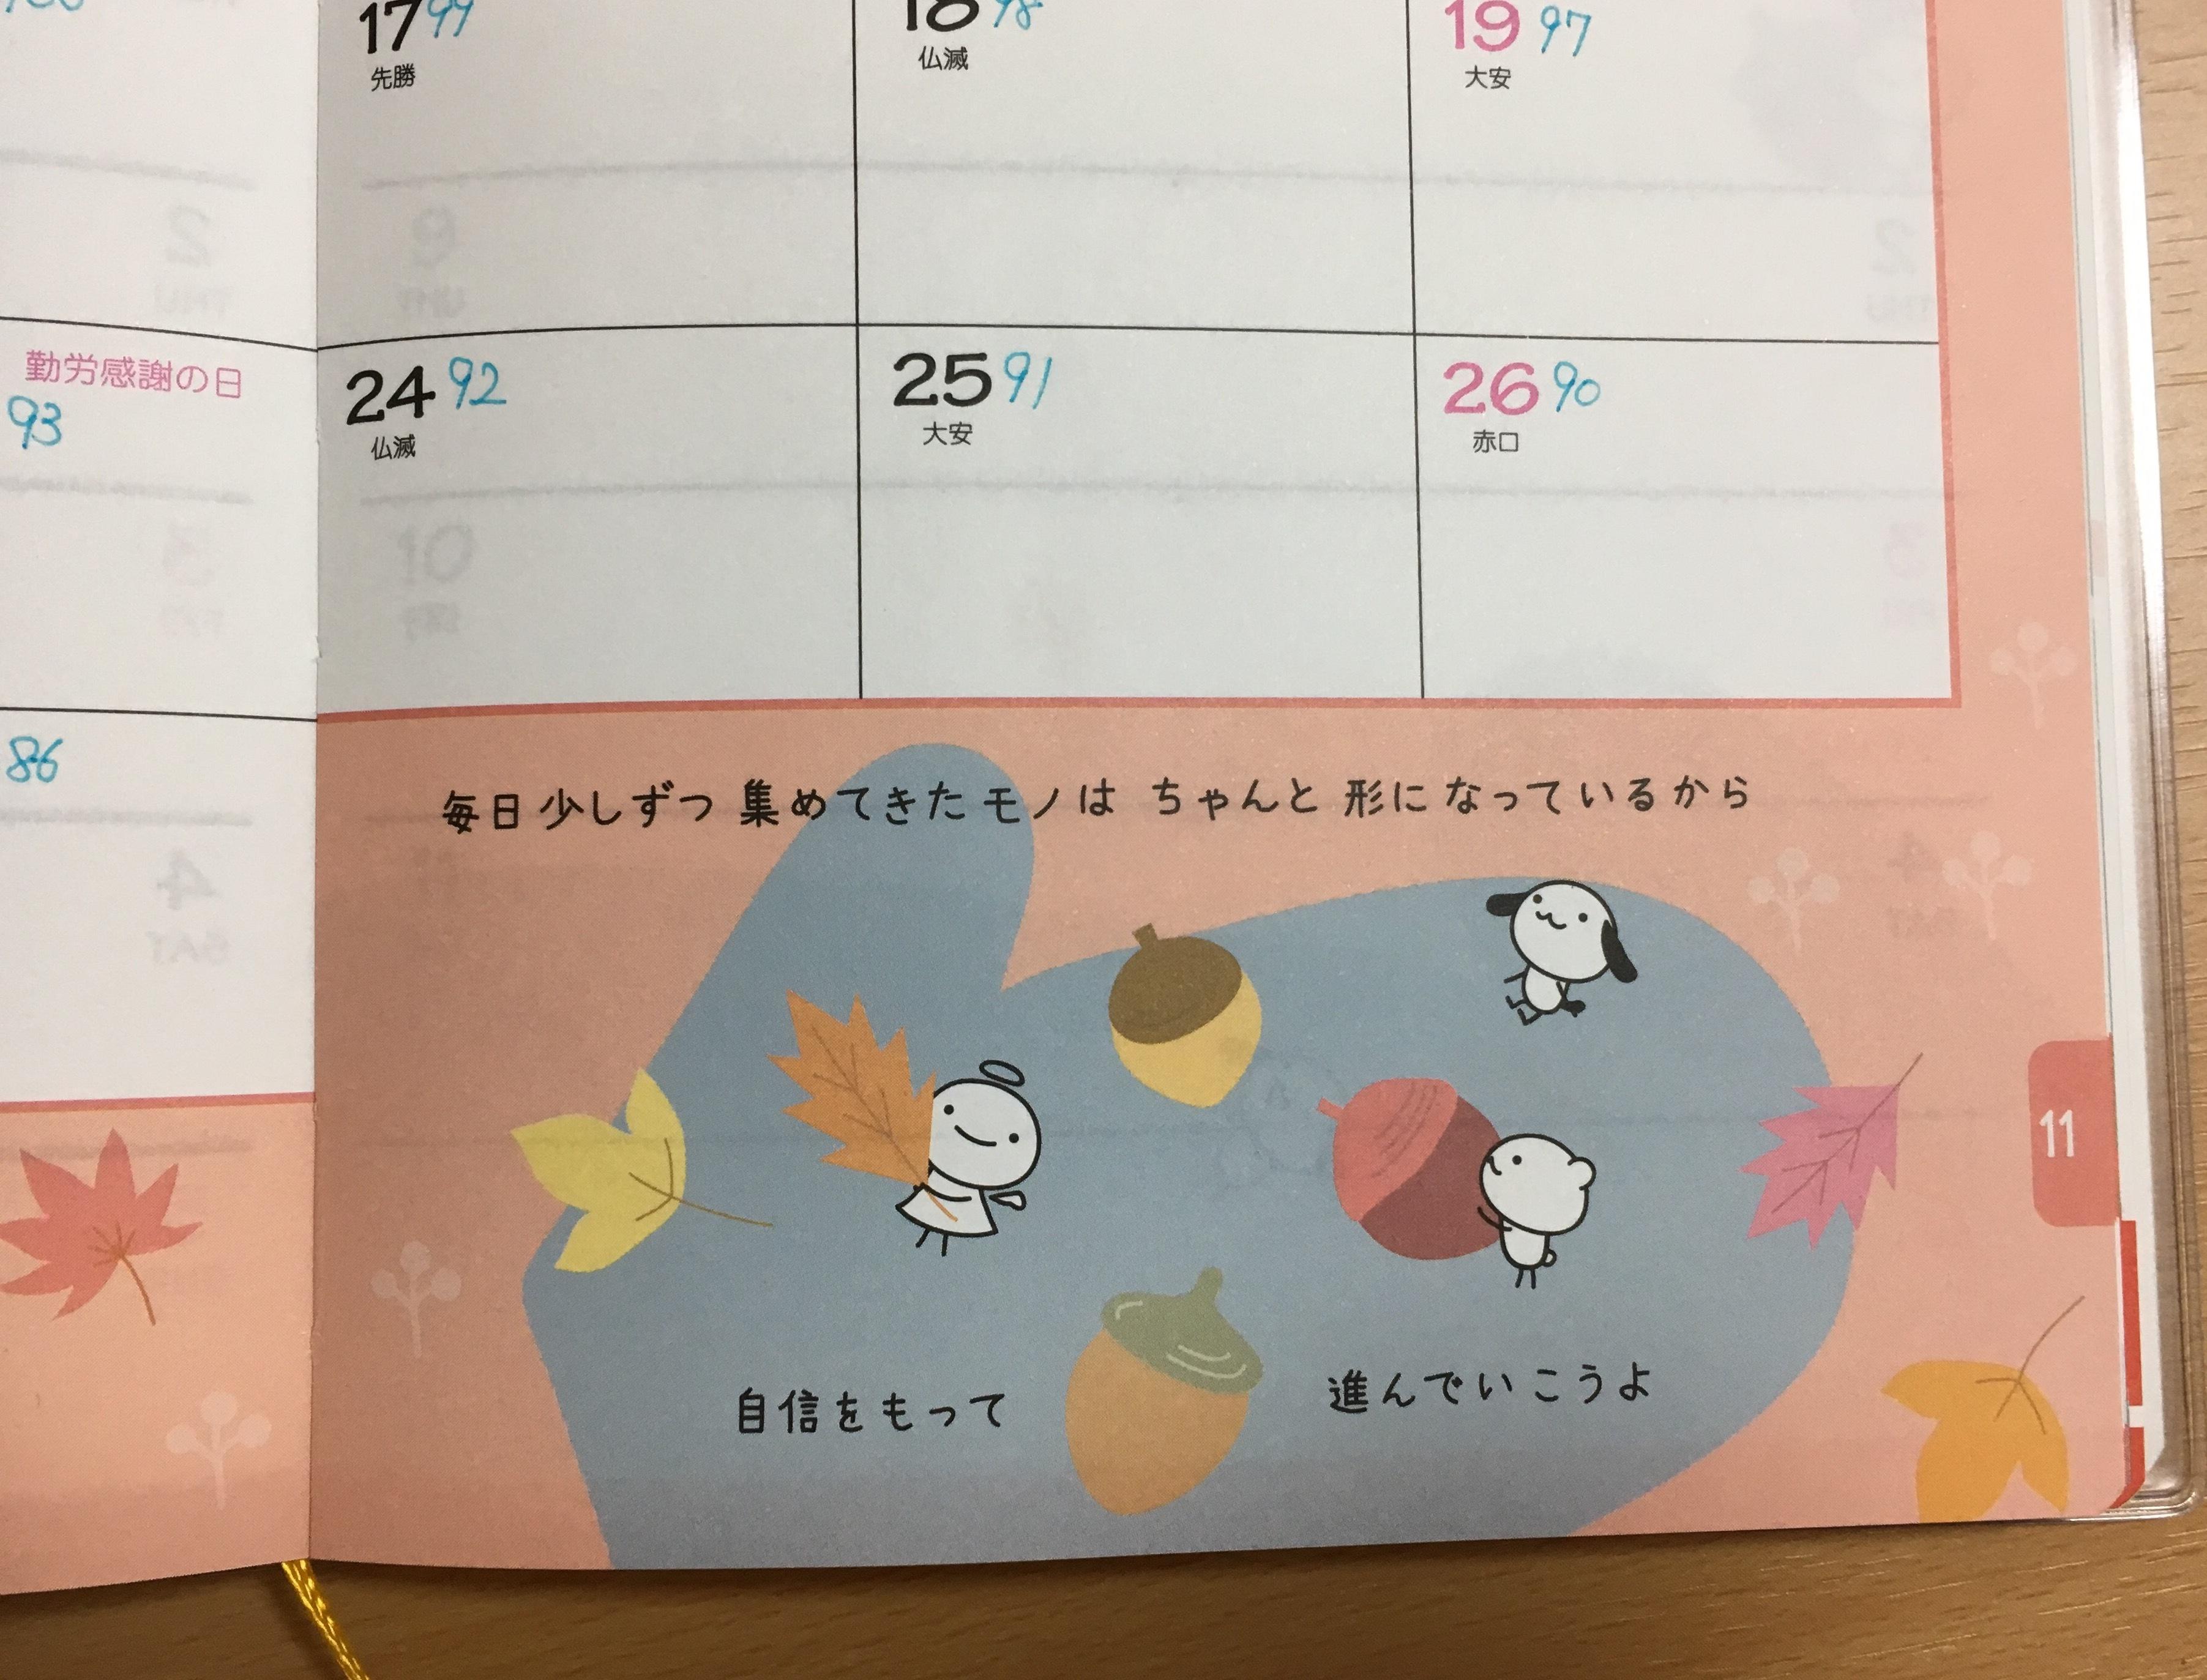 20171001234919e0d.jpg